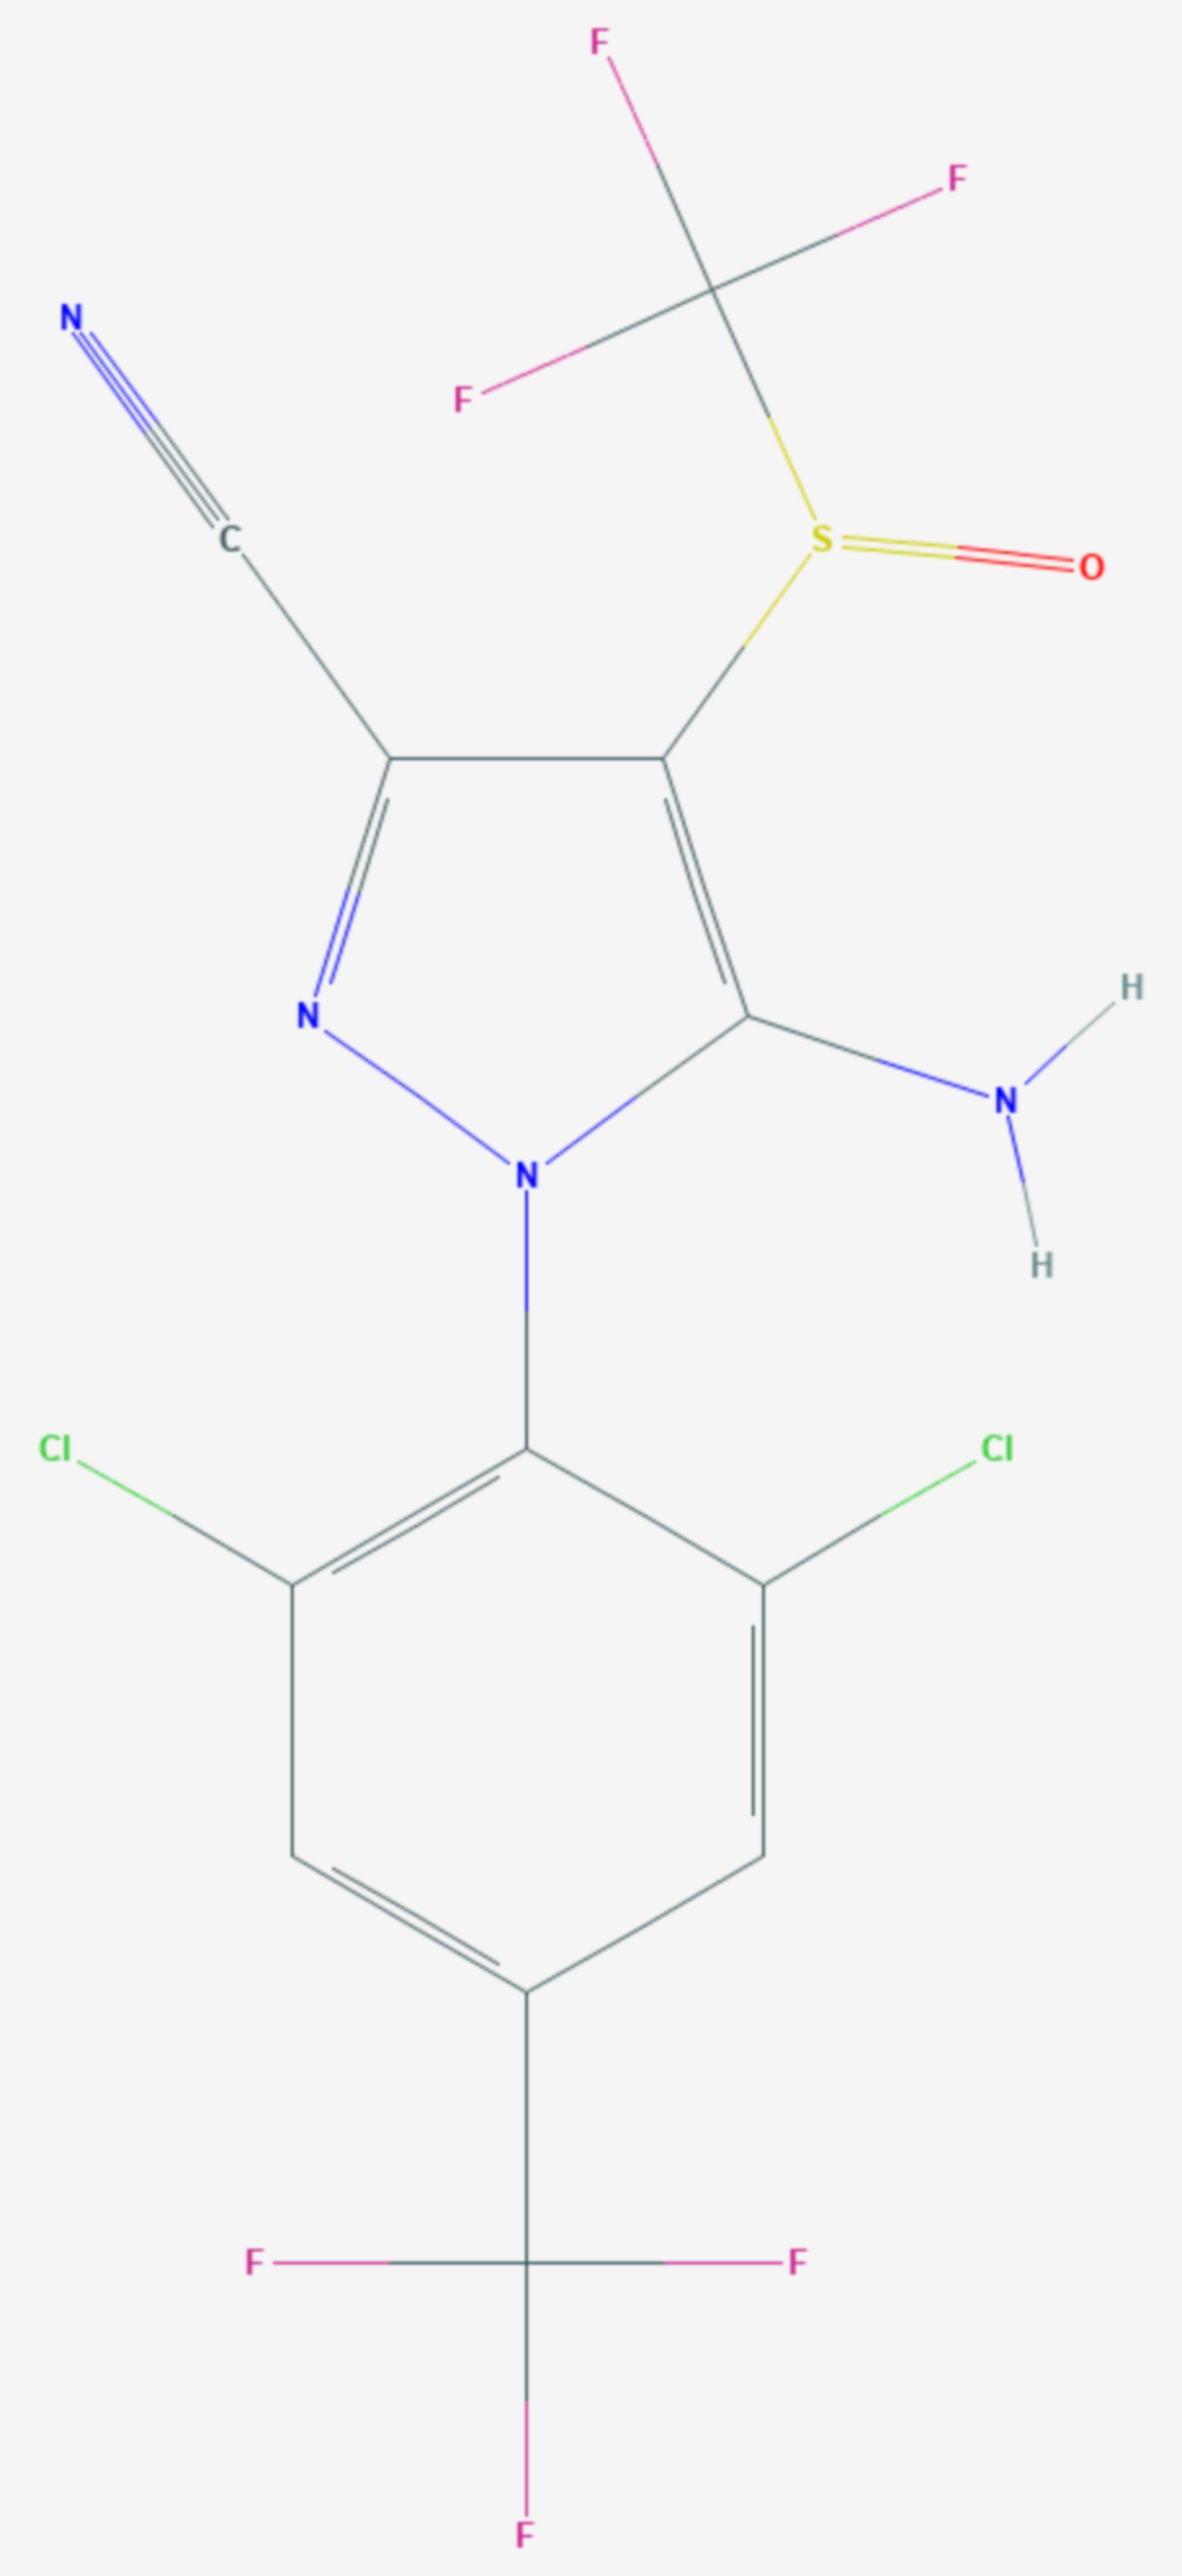 Fipronil (Strukturformel)